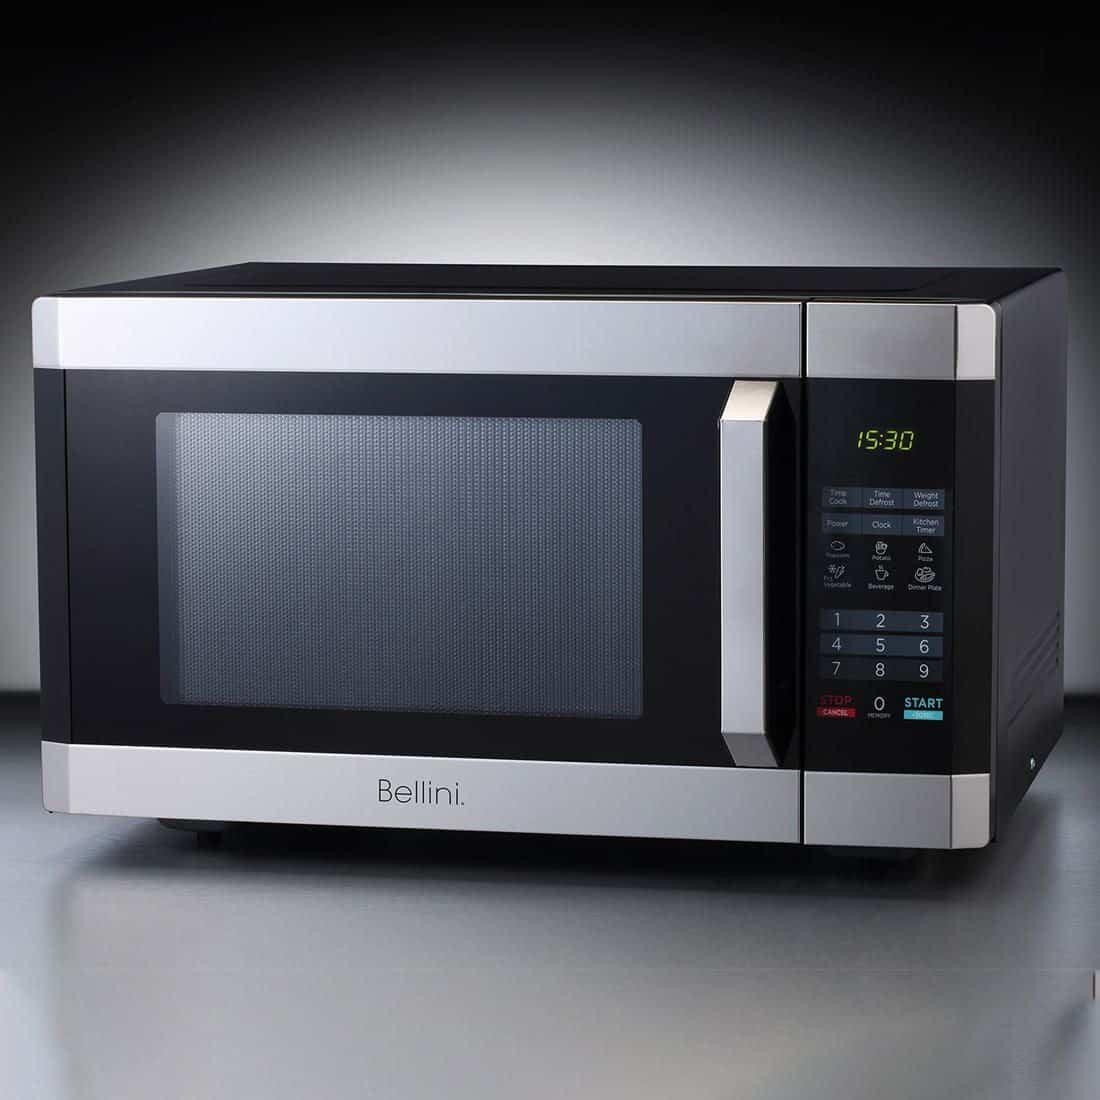 Pilih-Kapasitas-Microwave-yang-Sesuai-dengan-Kebutuhan-Anda